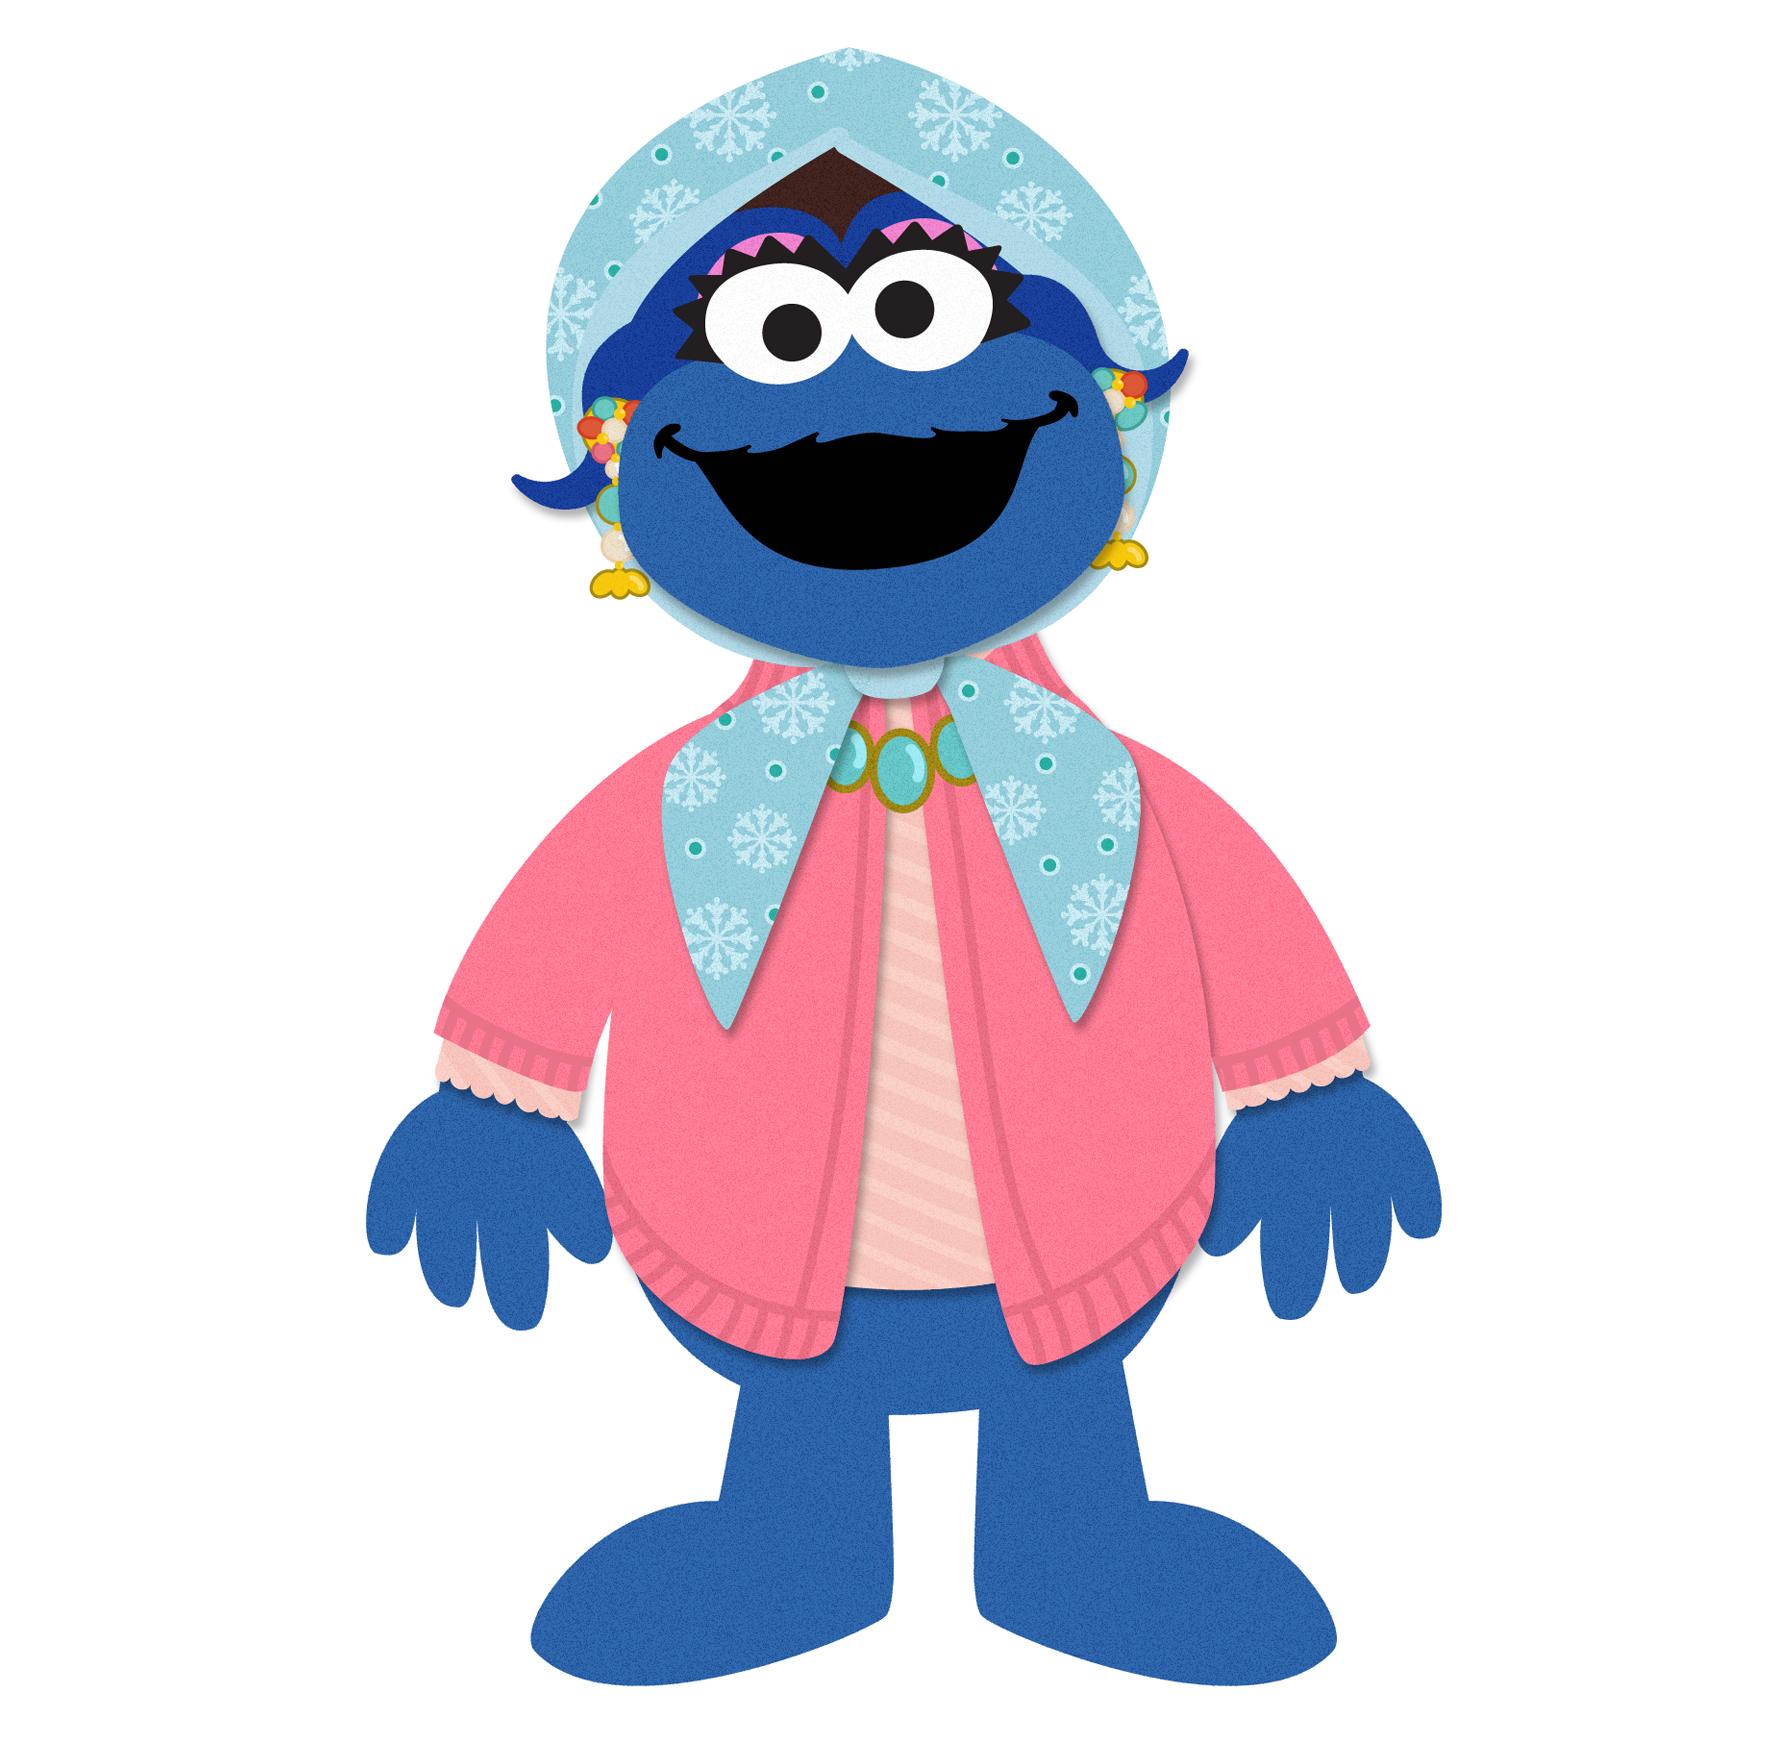 Cookie Monster's Mommy © Sesame Workshop